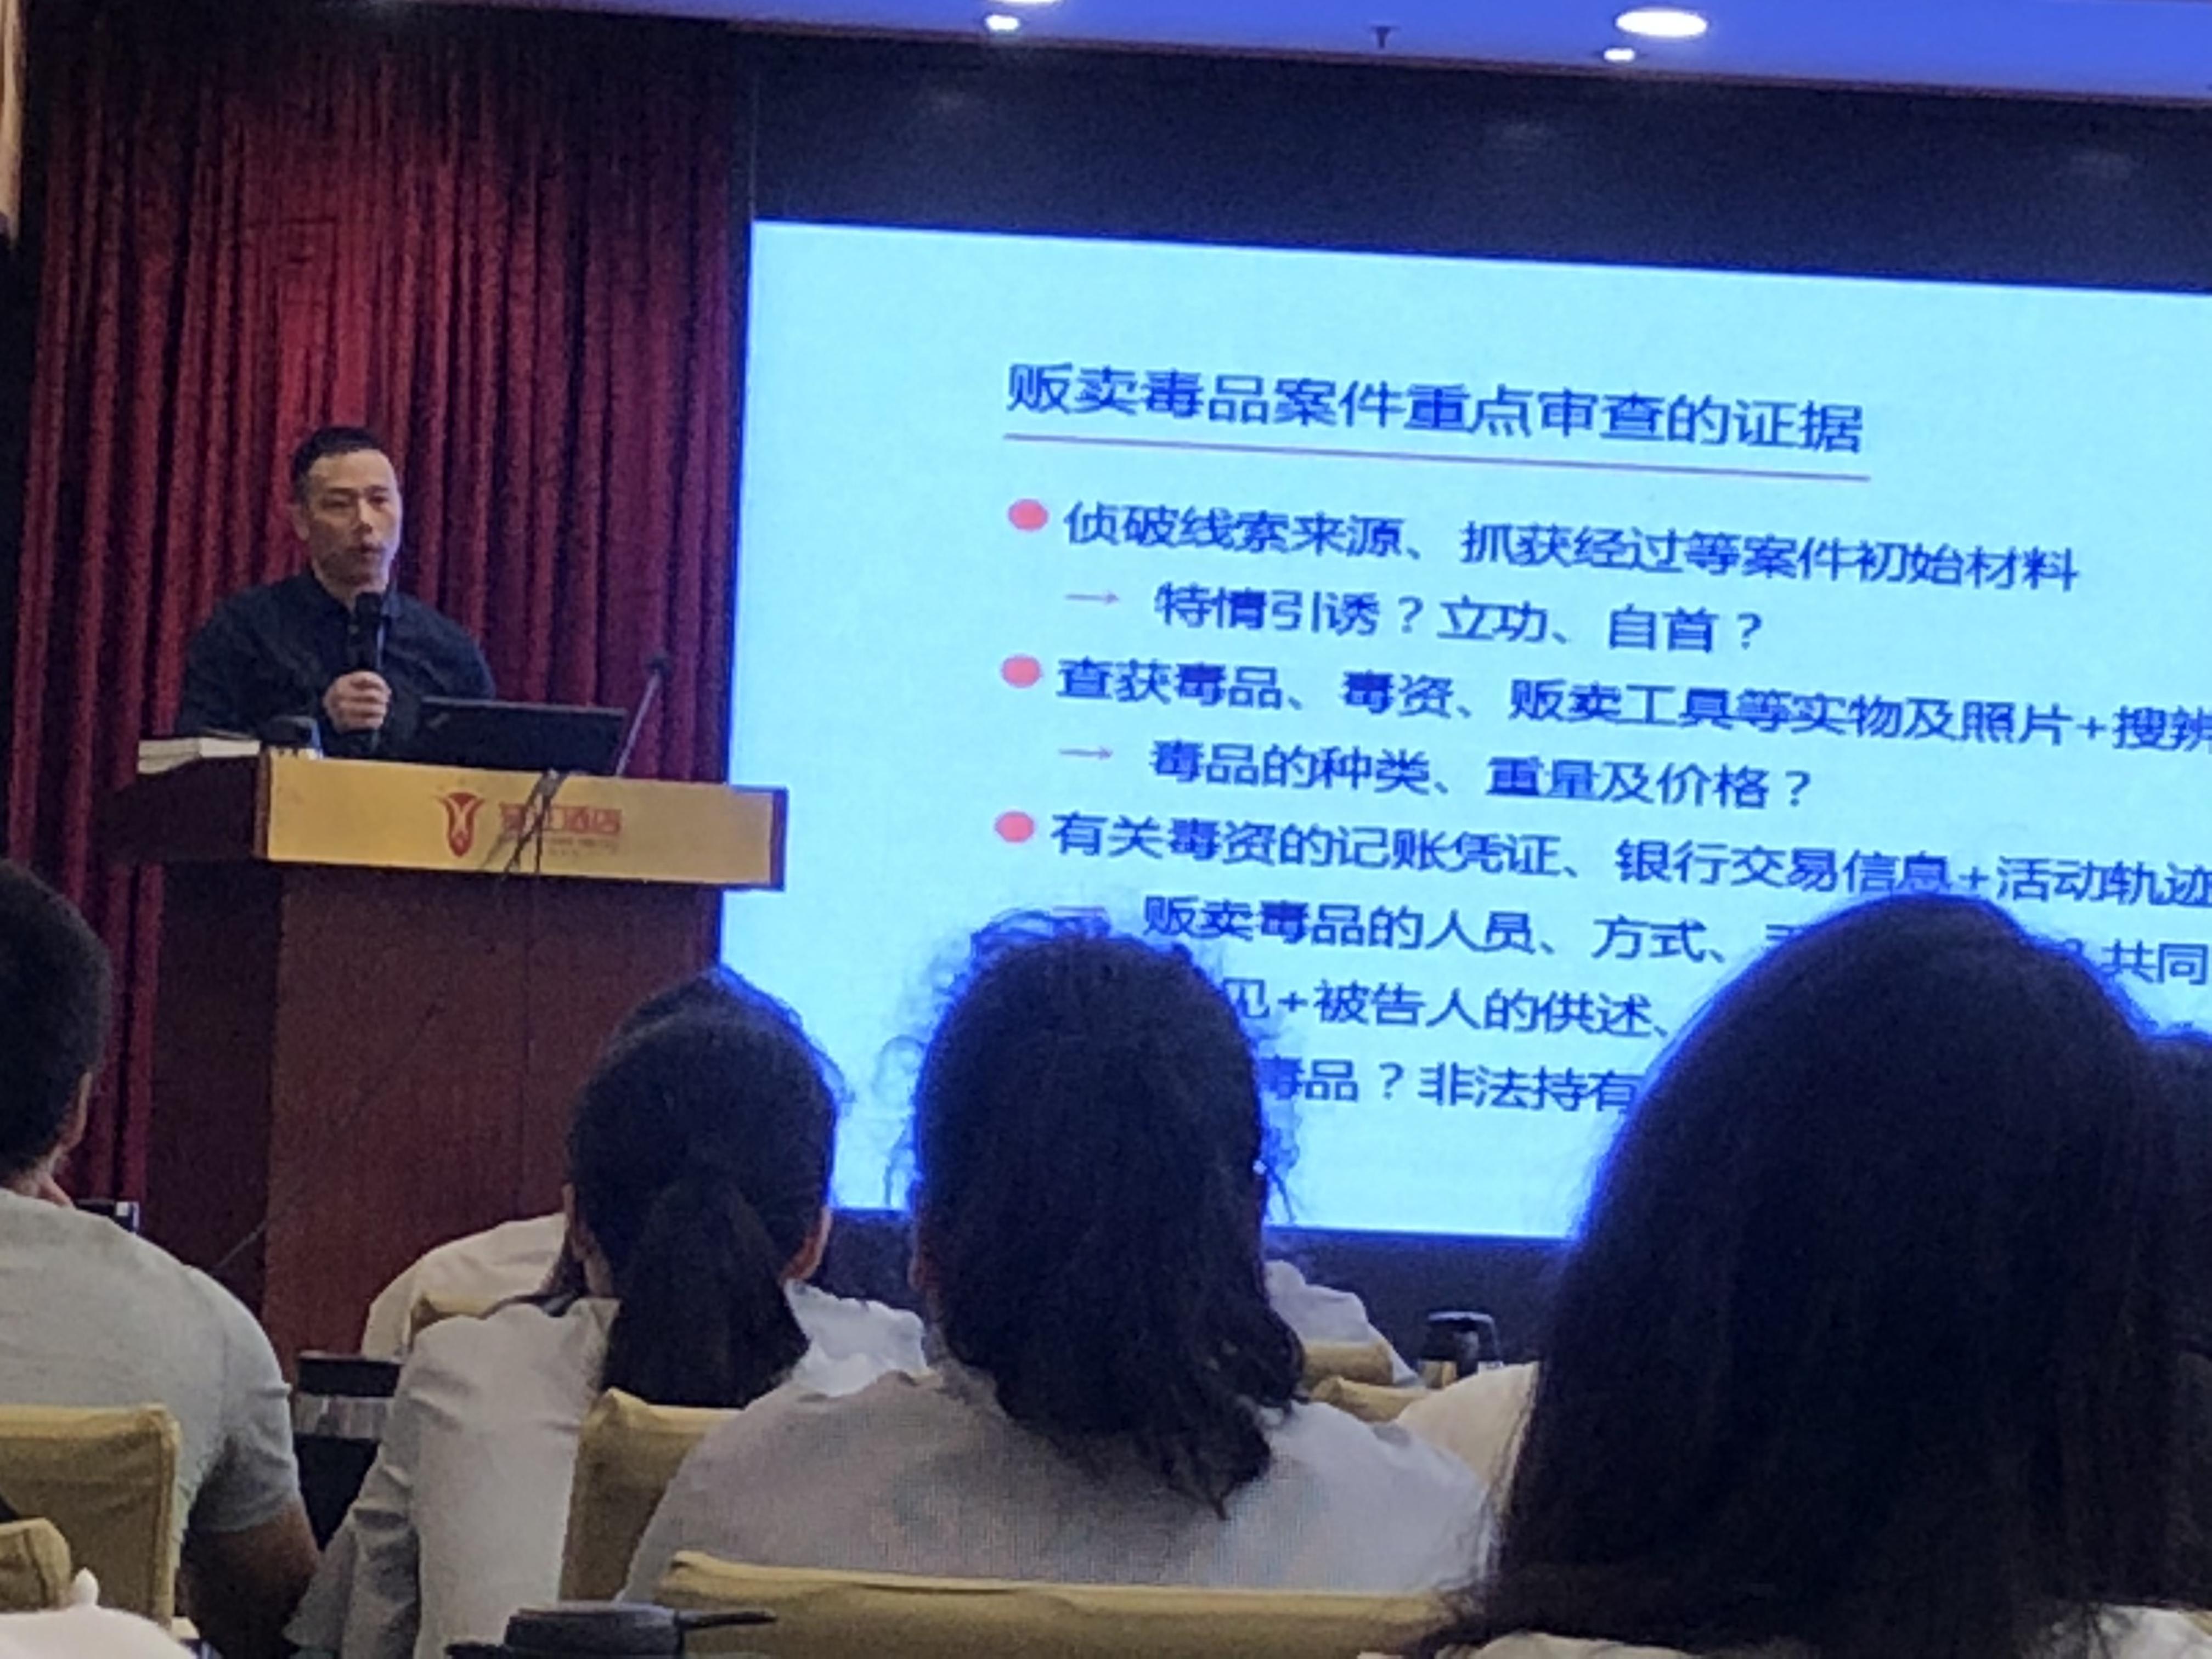 漳州律协分享交流